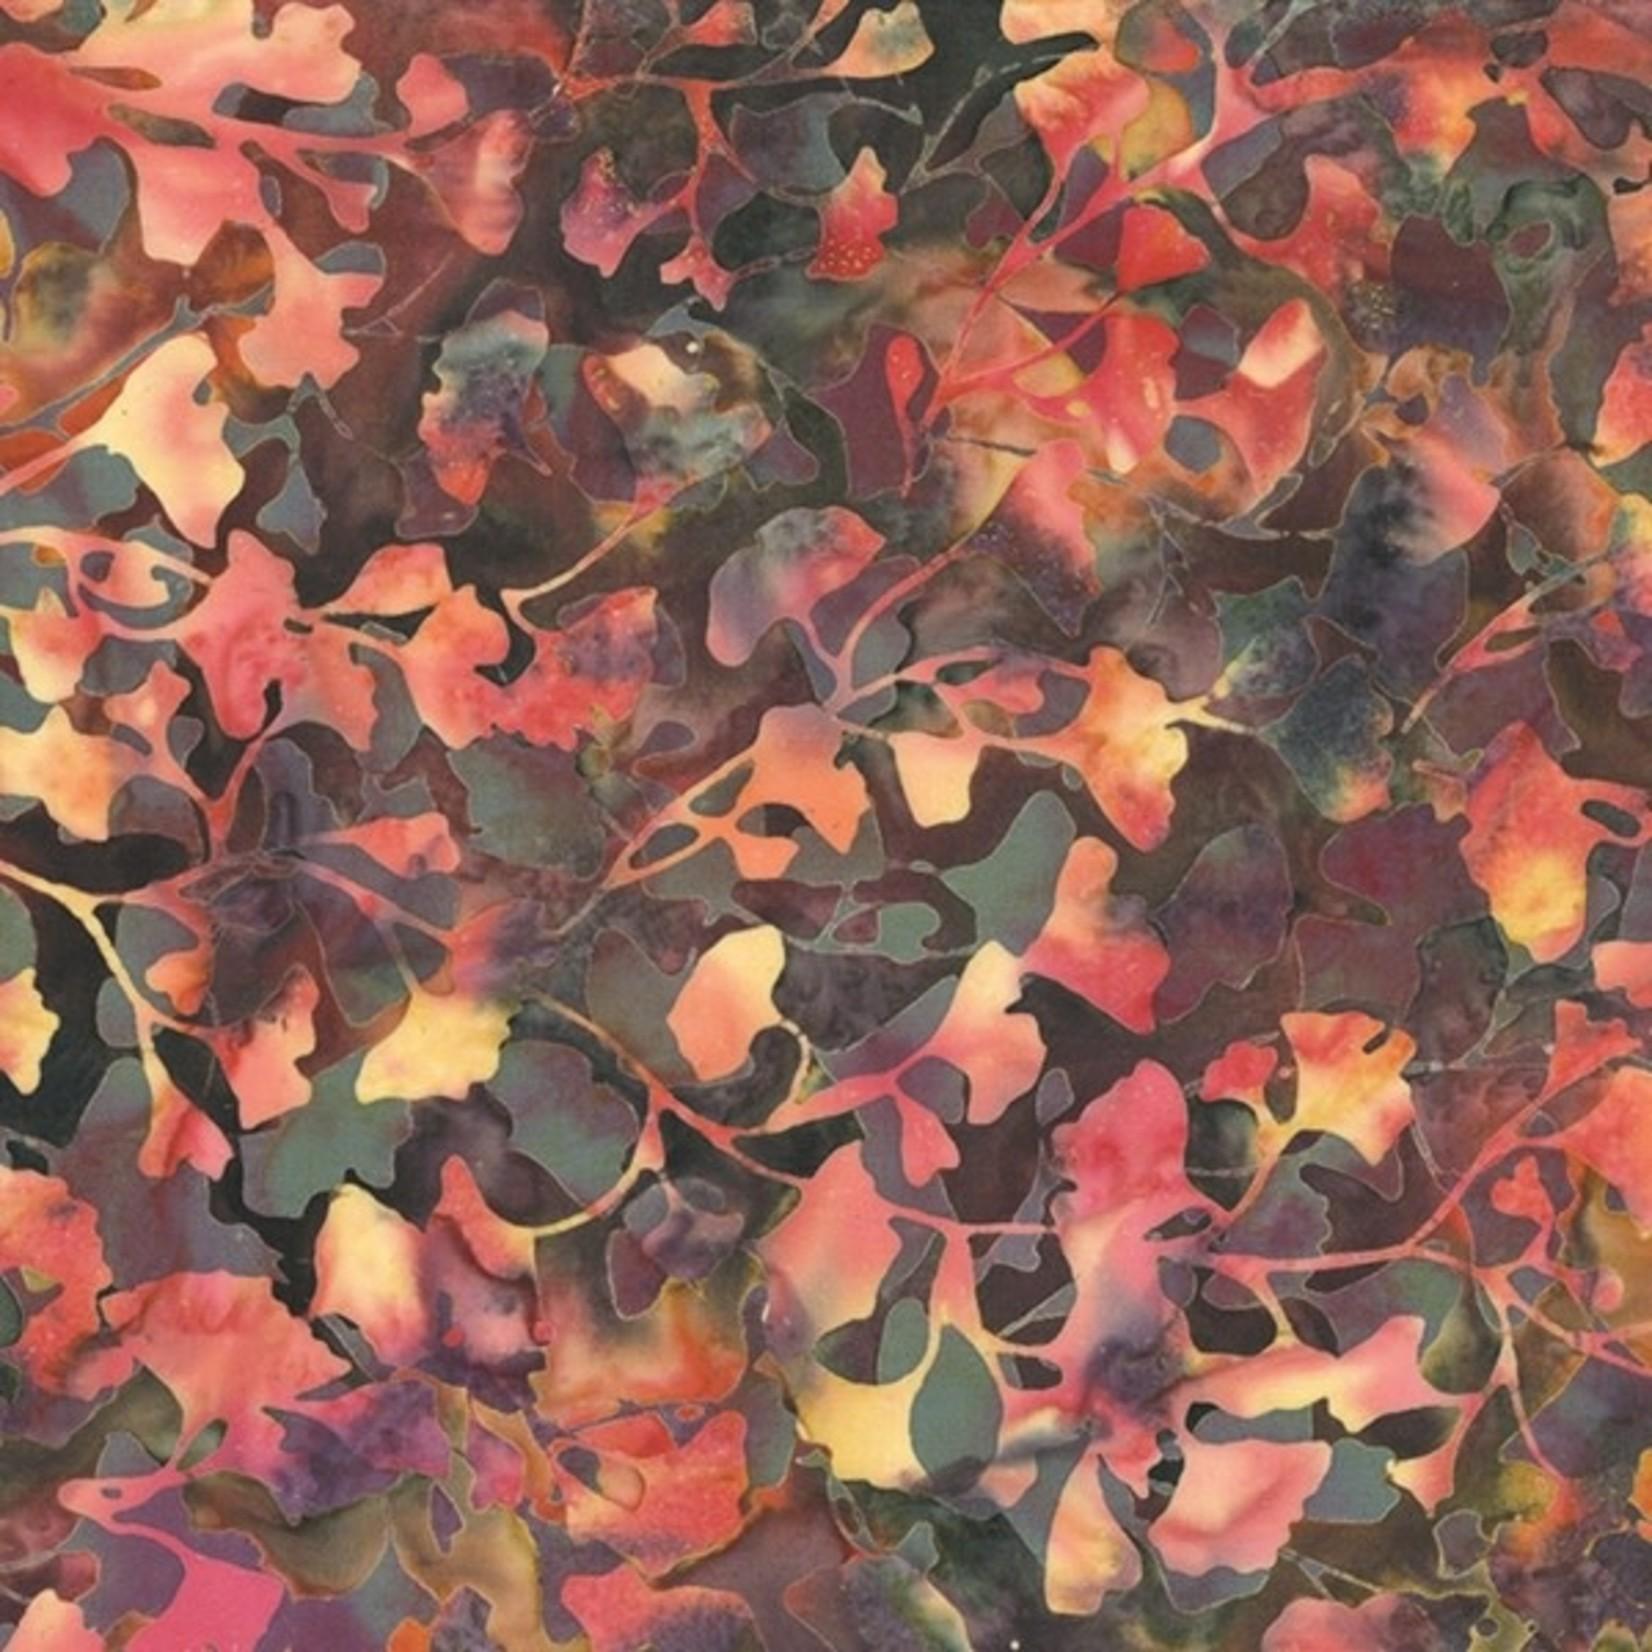 Hoffman Bali Batiks, Leaves, Global Spice 2376-634 $0.20 per cm or $20/m